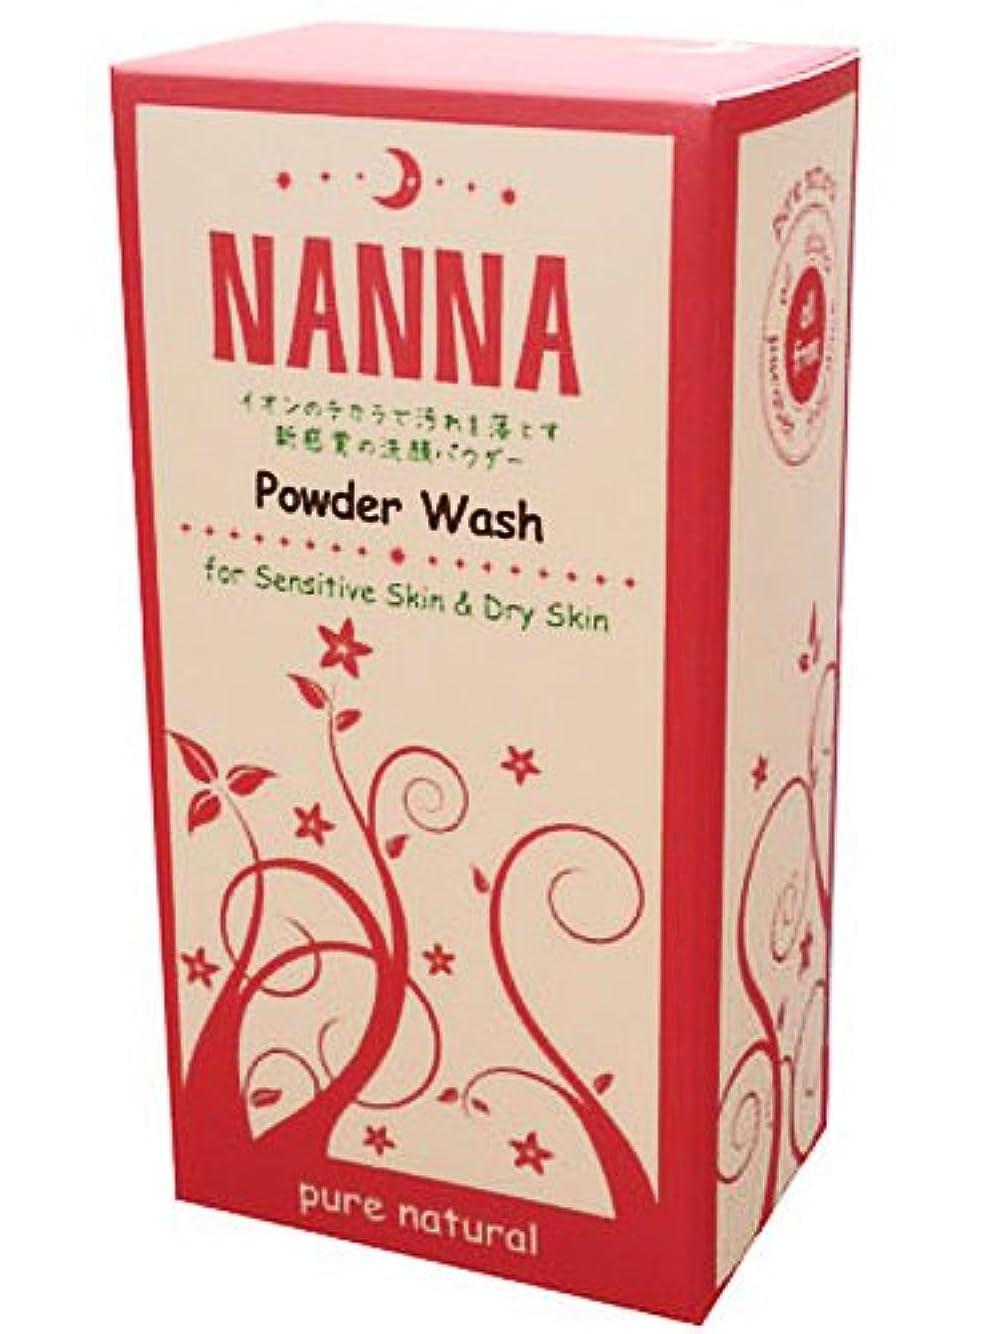 怠惰実験感謝するナンナ パウダー洗顔料 パウダーウォッシュ(1g×30包)